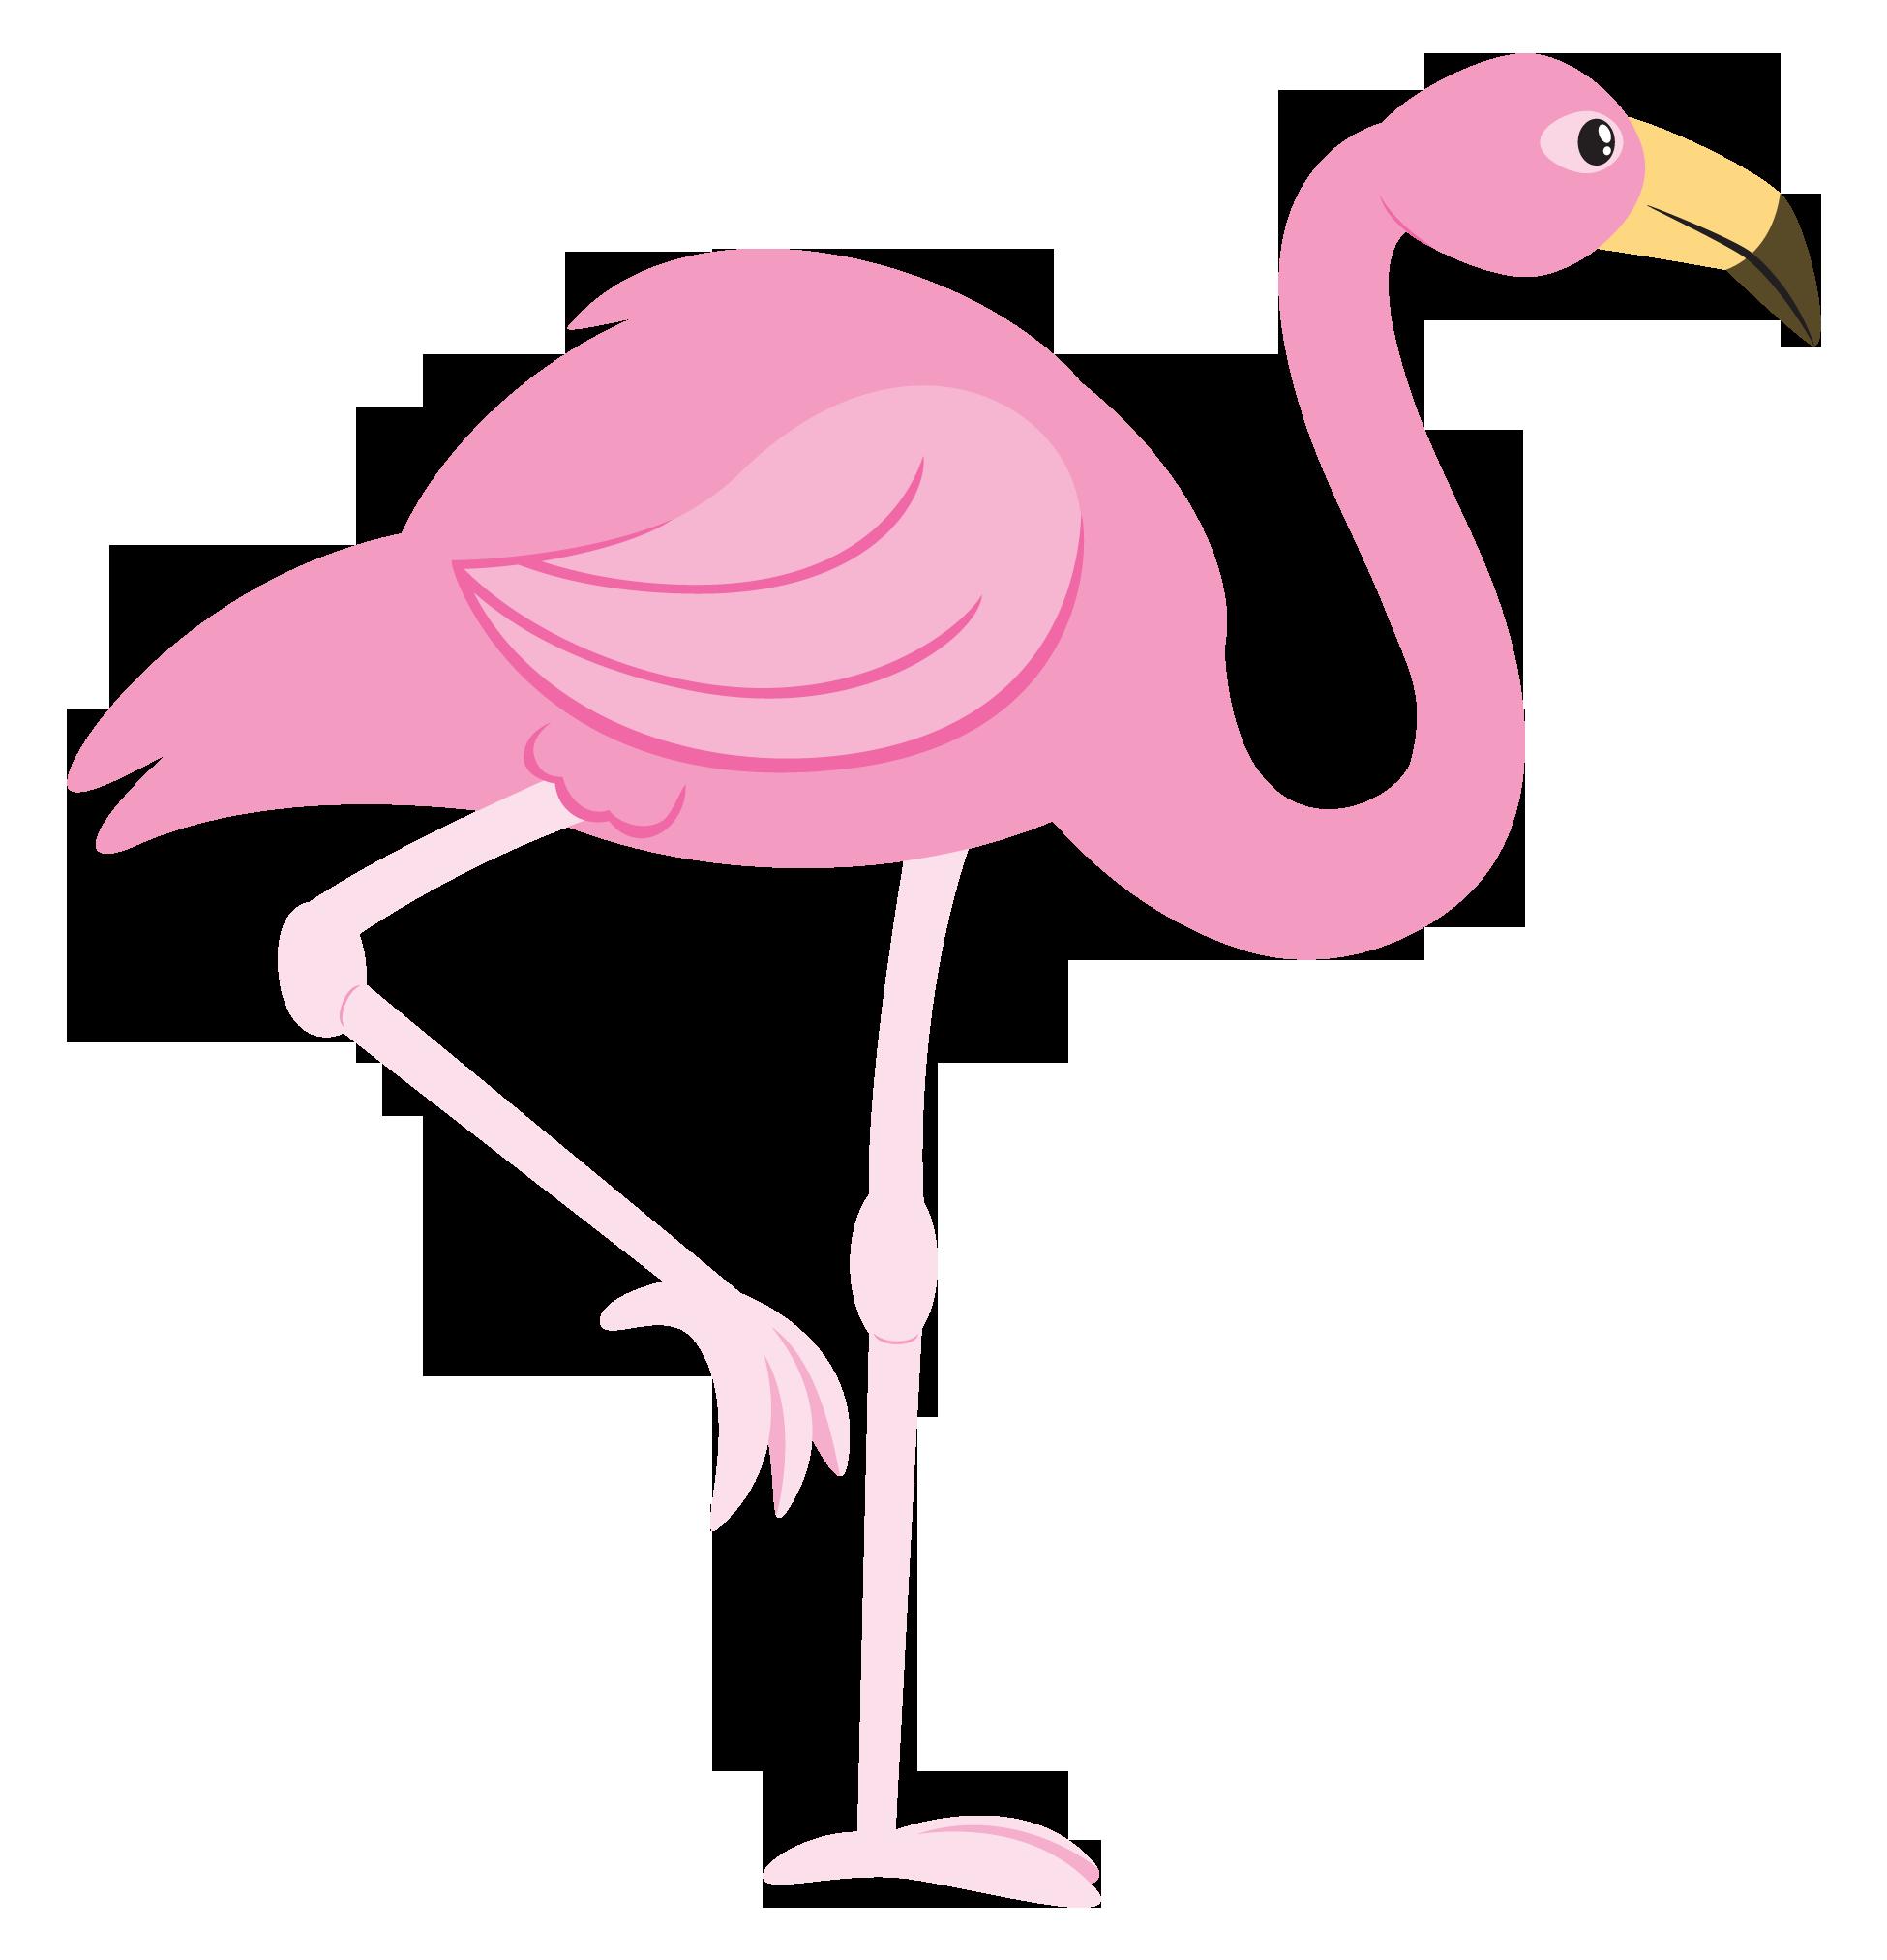 pink flamingo clip art | Flamingo2 - Flamingo PNG